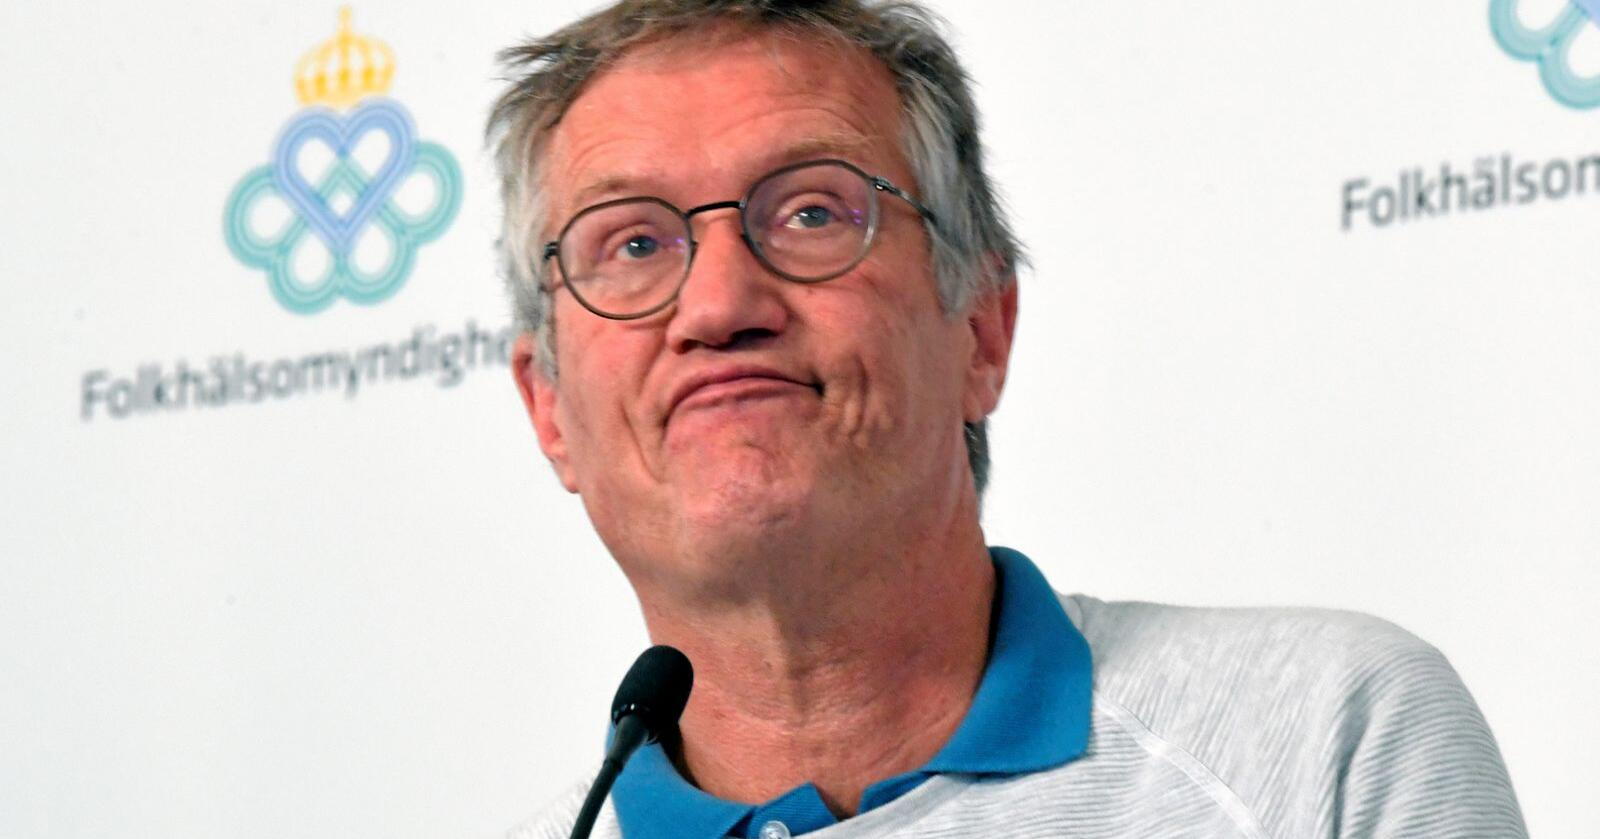 Alternativ: Statsepidemiolog Anders Tegnell svarer på rekordhøye svenske dødstall med å kritisere norsk smittevern. Foto: Fredrik Sandberg/TT/AP